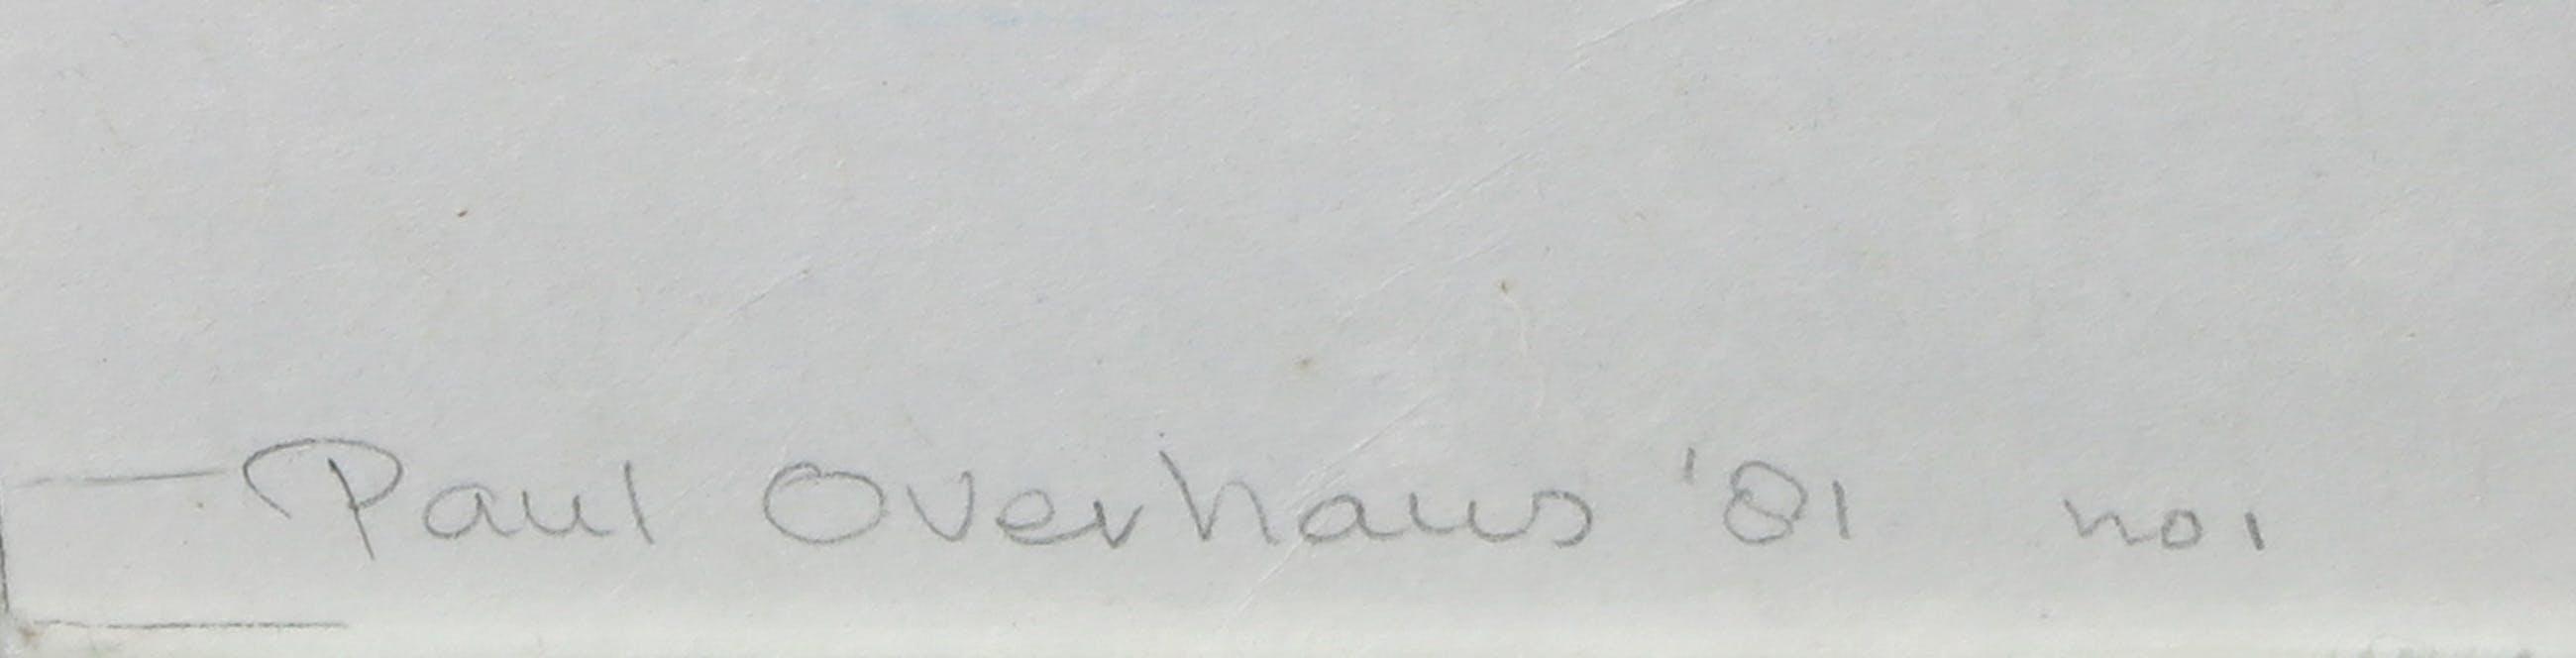 Paul Overhaus - Houtsnede op Japans papier, Vogels in vlucht - Ingelijst (Zeer groot en zwaar) kopen? Bied vanaf 1!